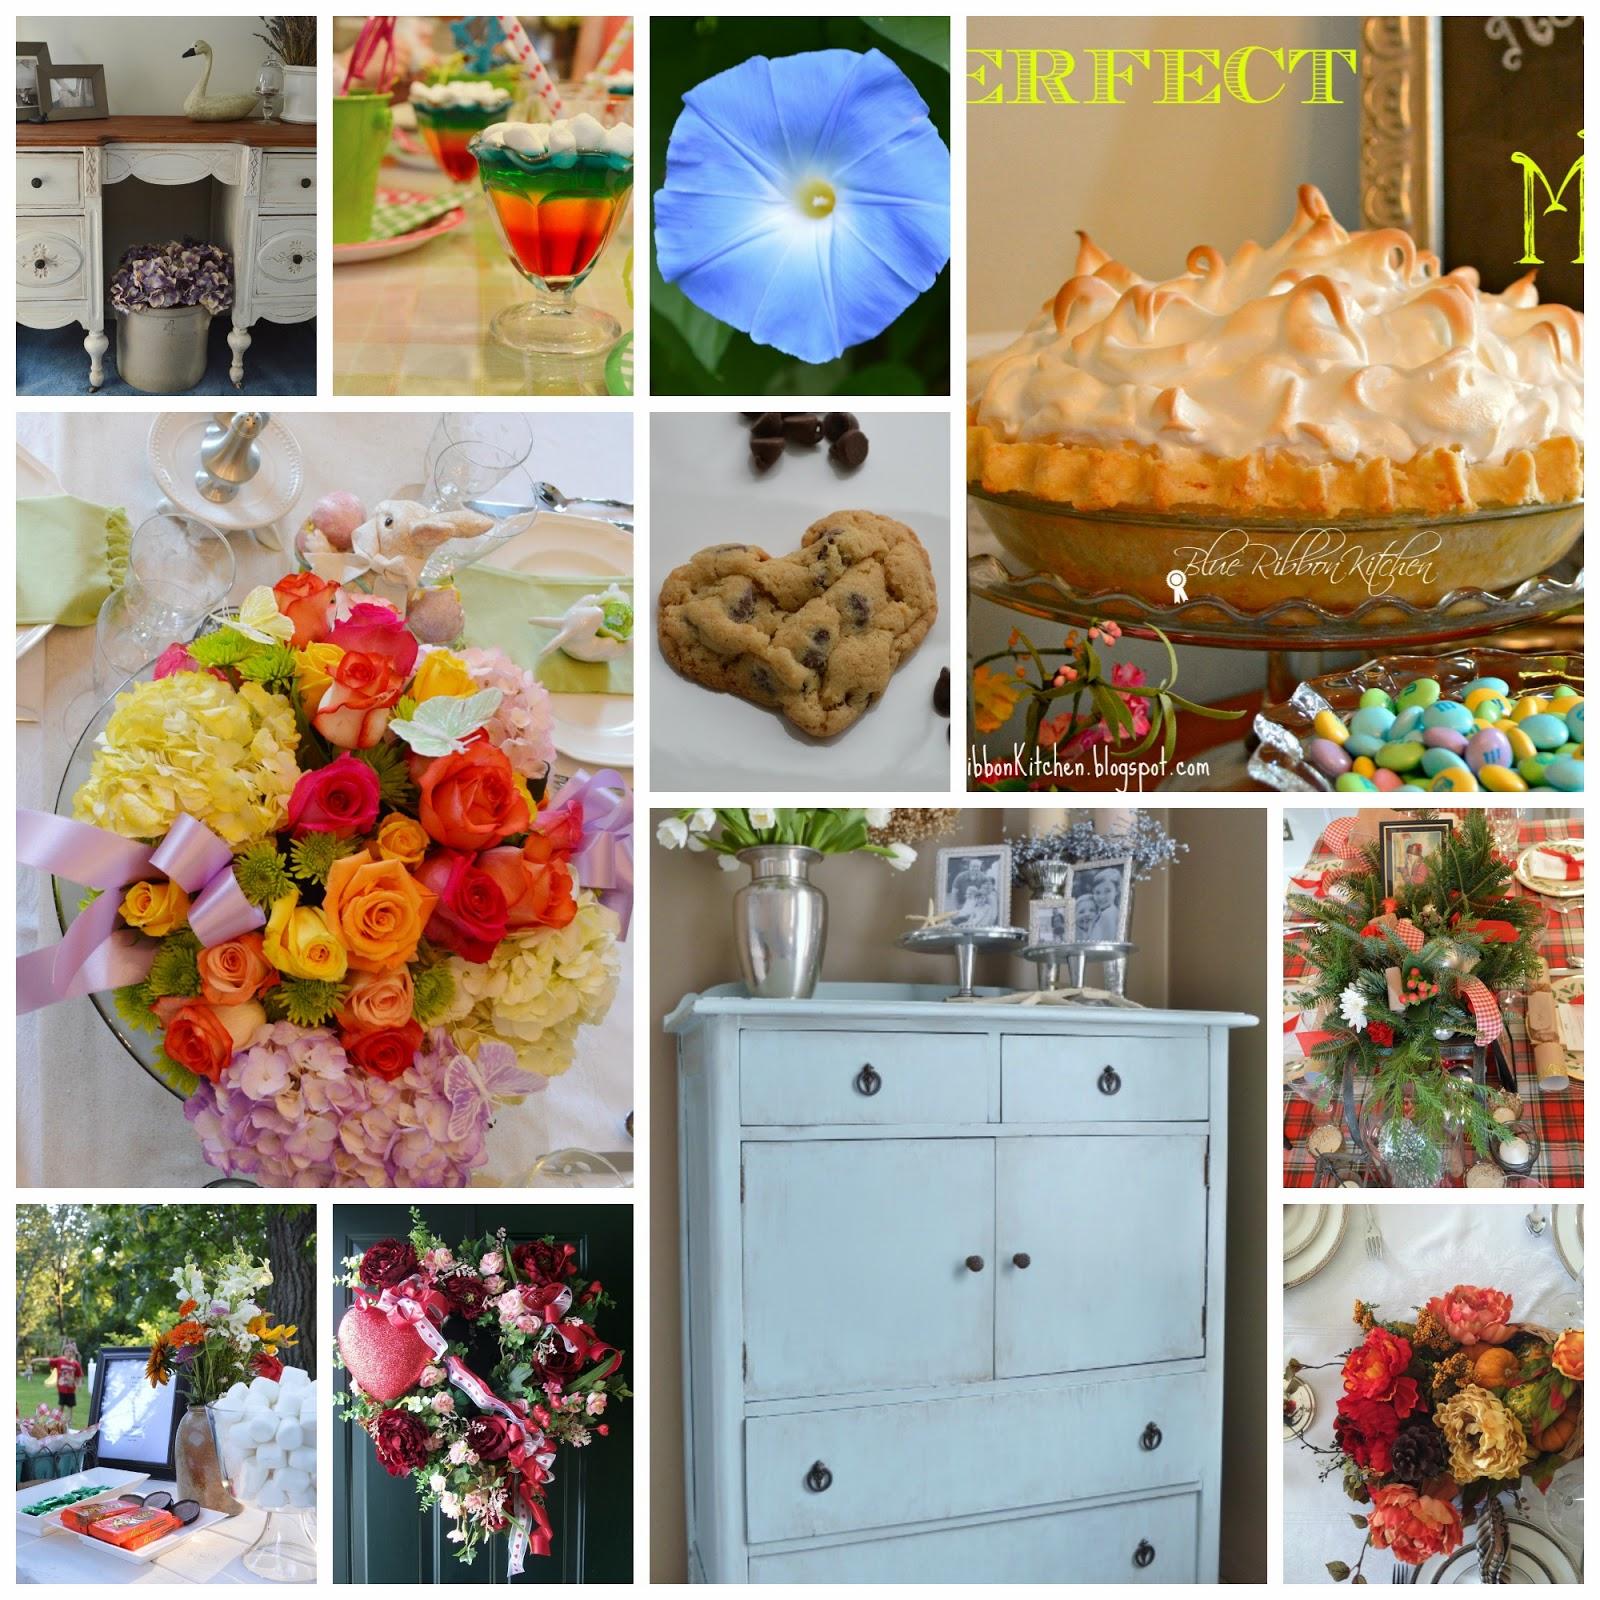 Blue Ribbon Kitchen: ABOUT KARRI